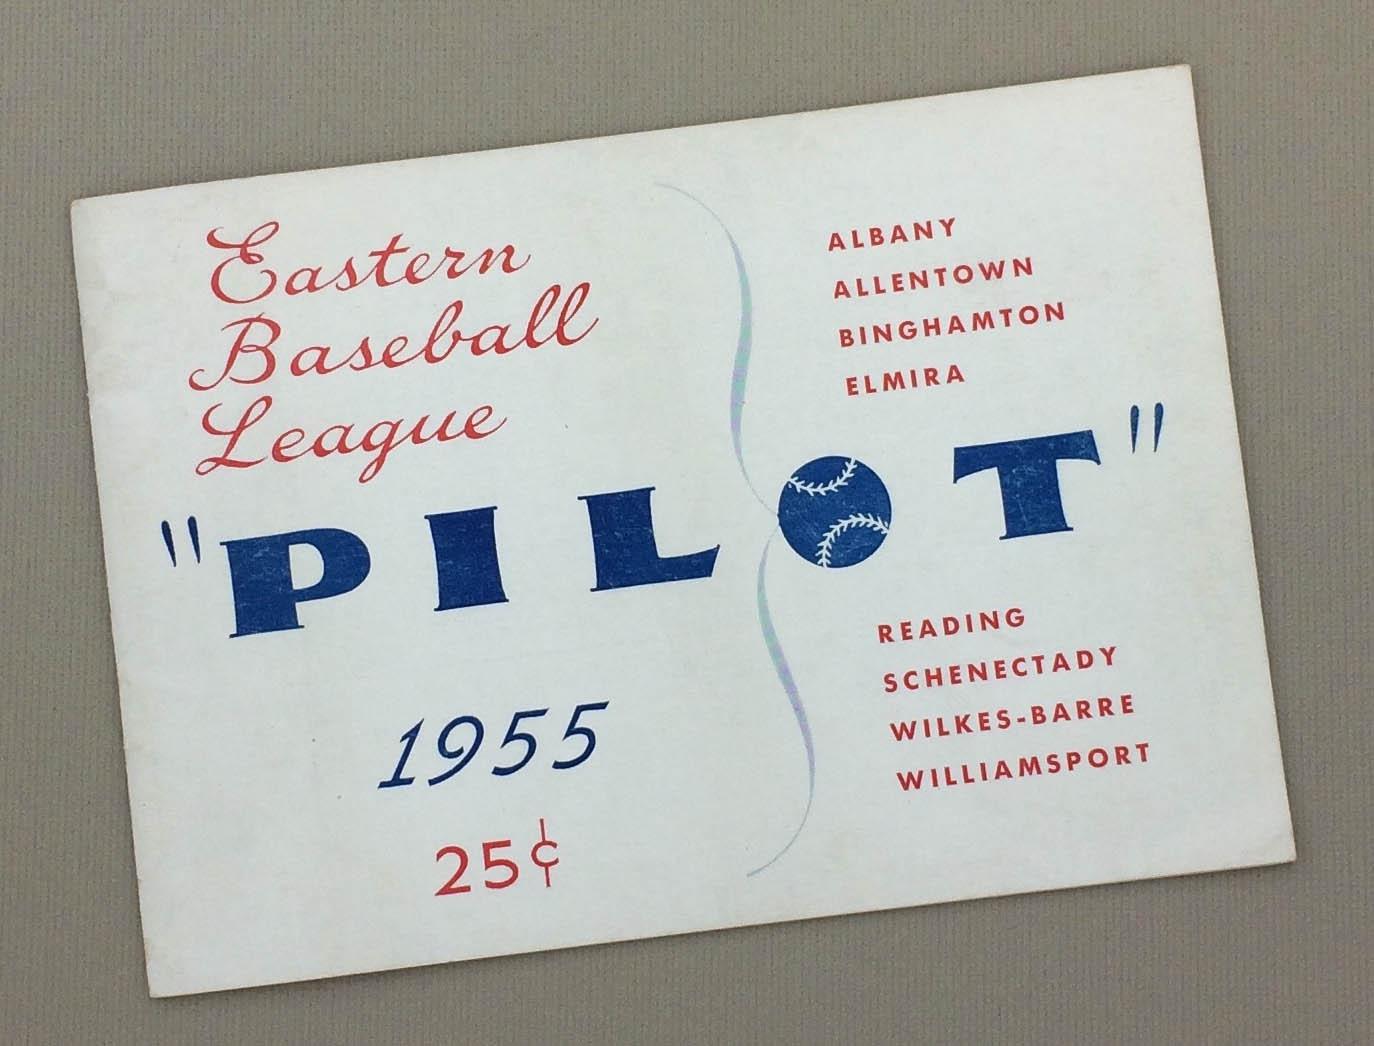 Eastern Baseball League 1955 Pilot